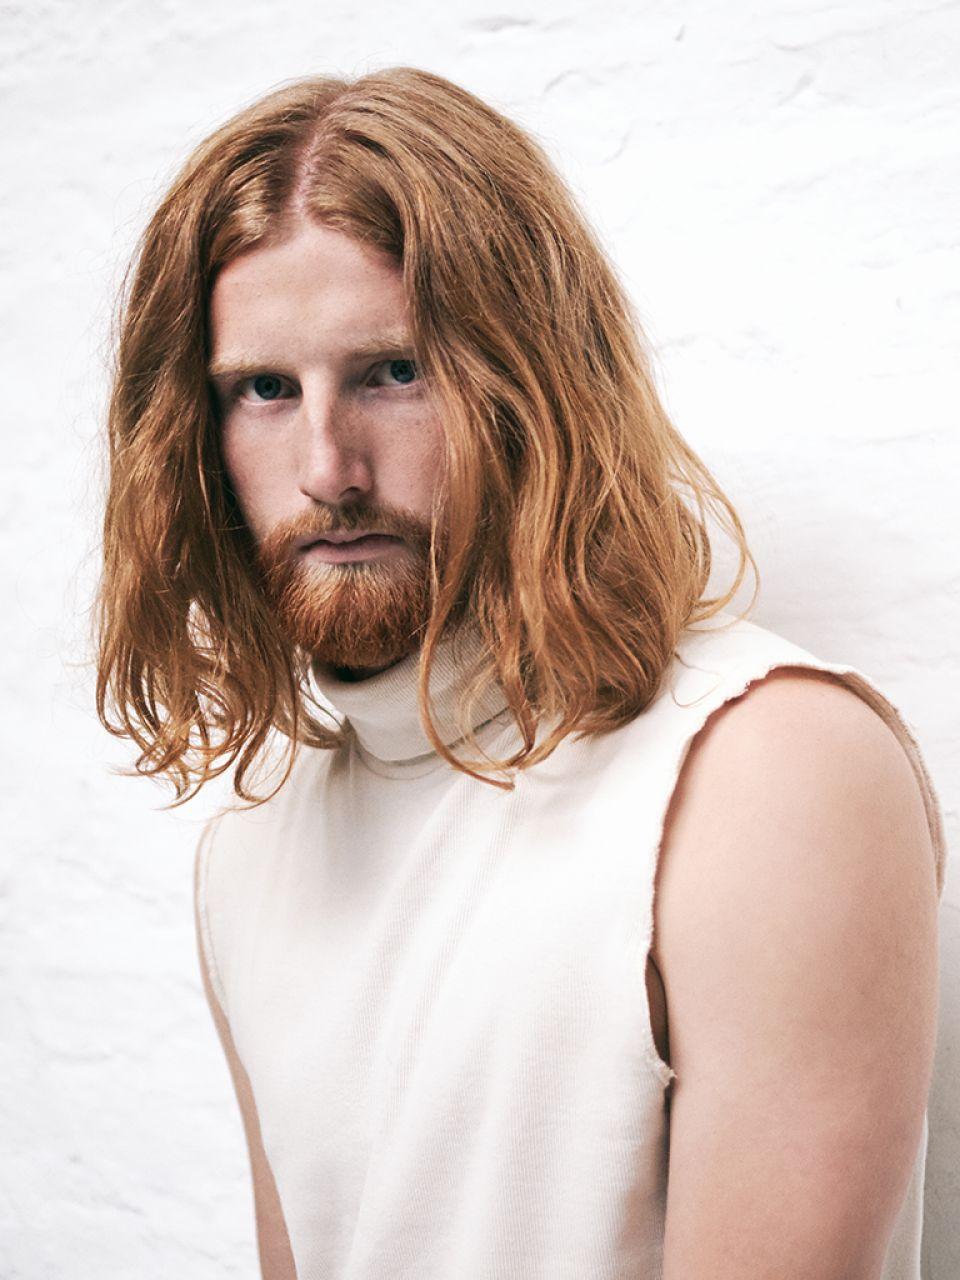 Für unterschnitt) ist die englische bezeichnung einer frisur,. Rote Männerfrisuren | Friseur.com